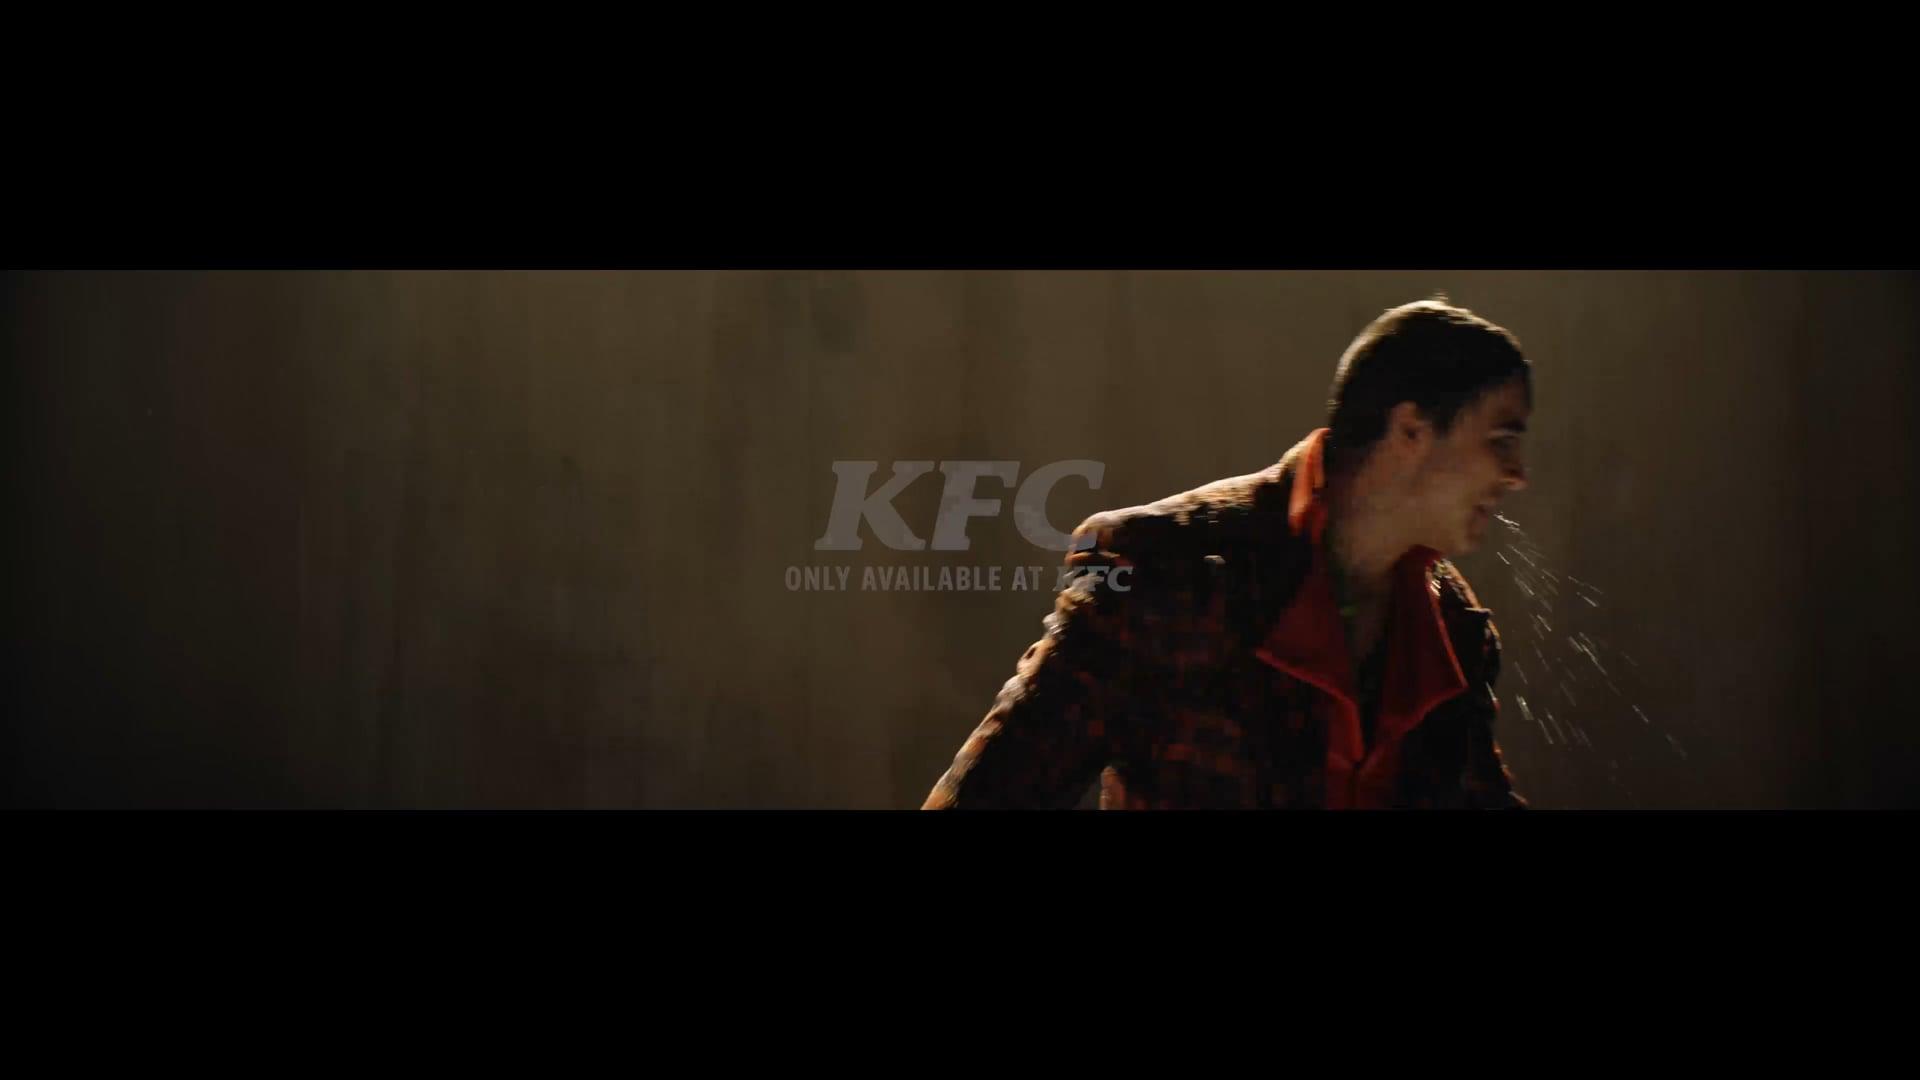 KFC Joker